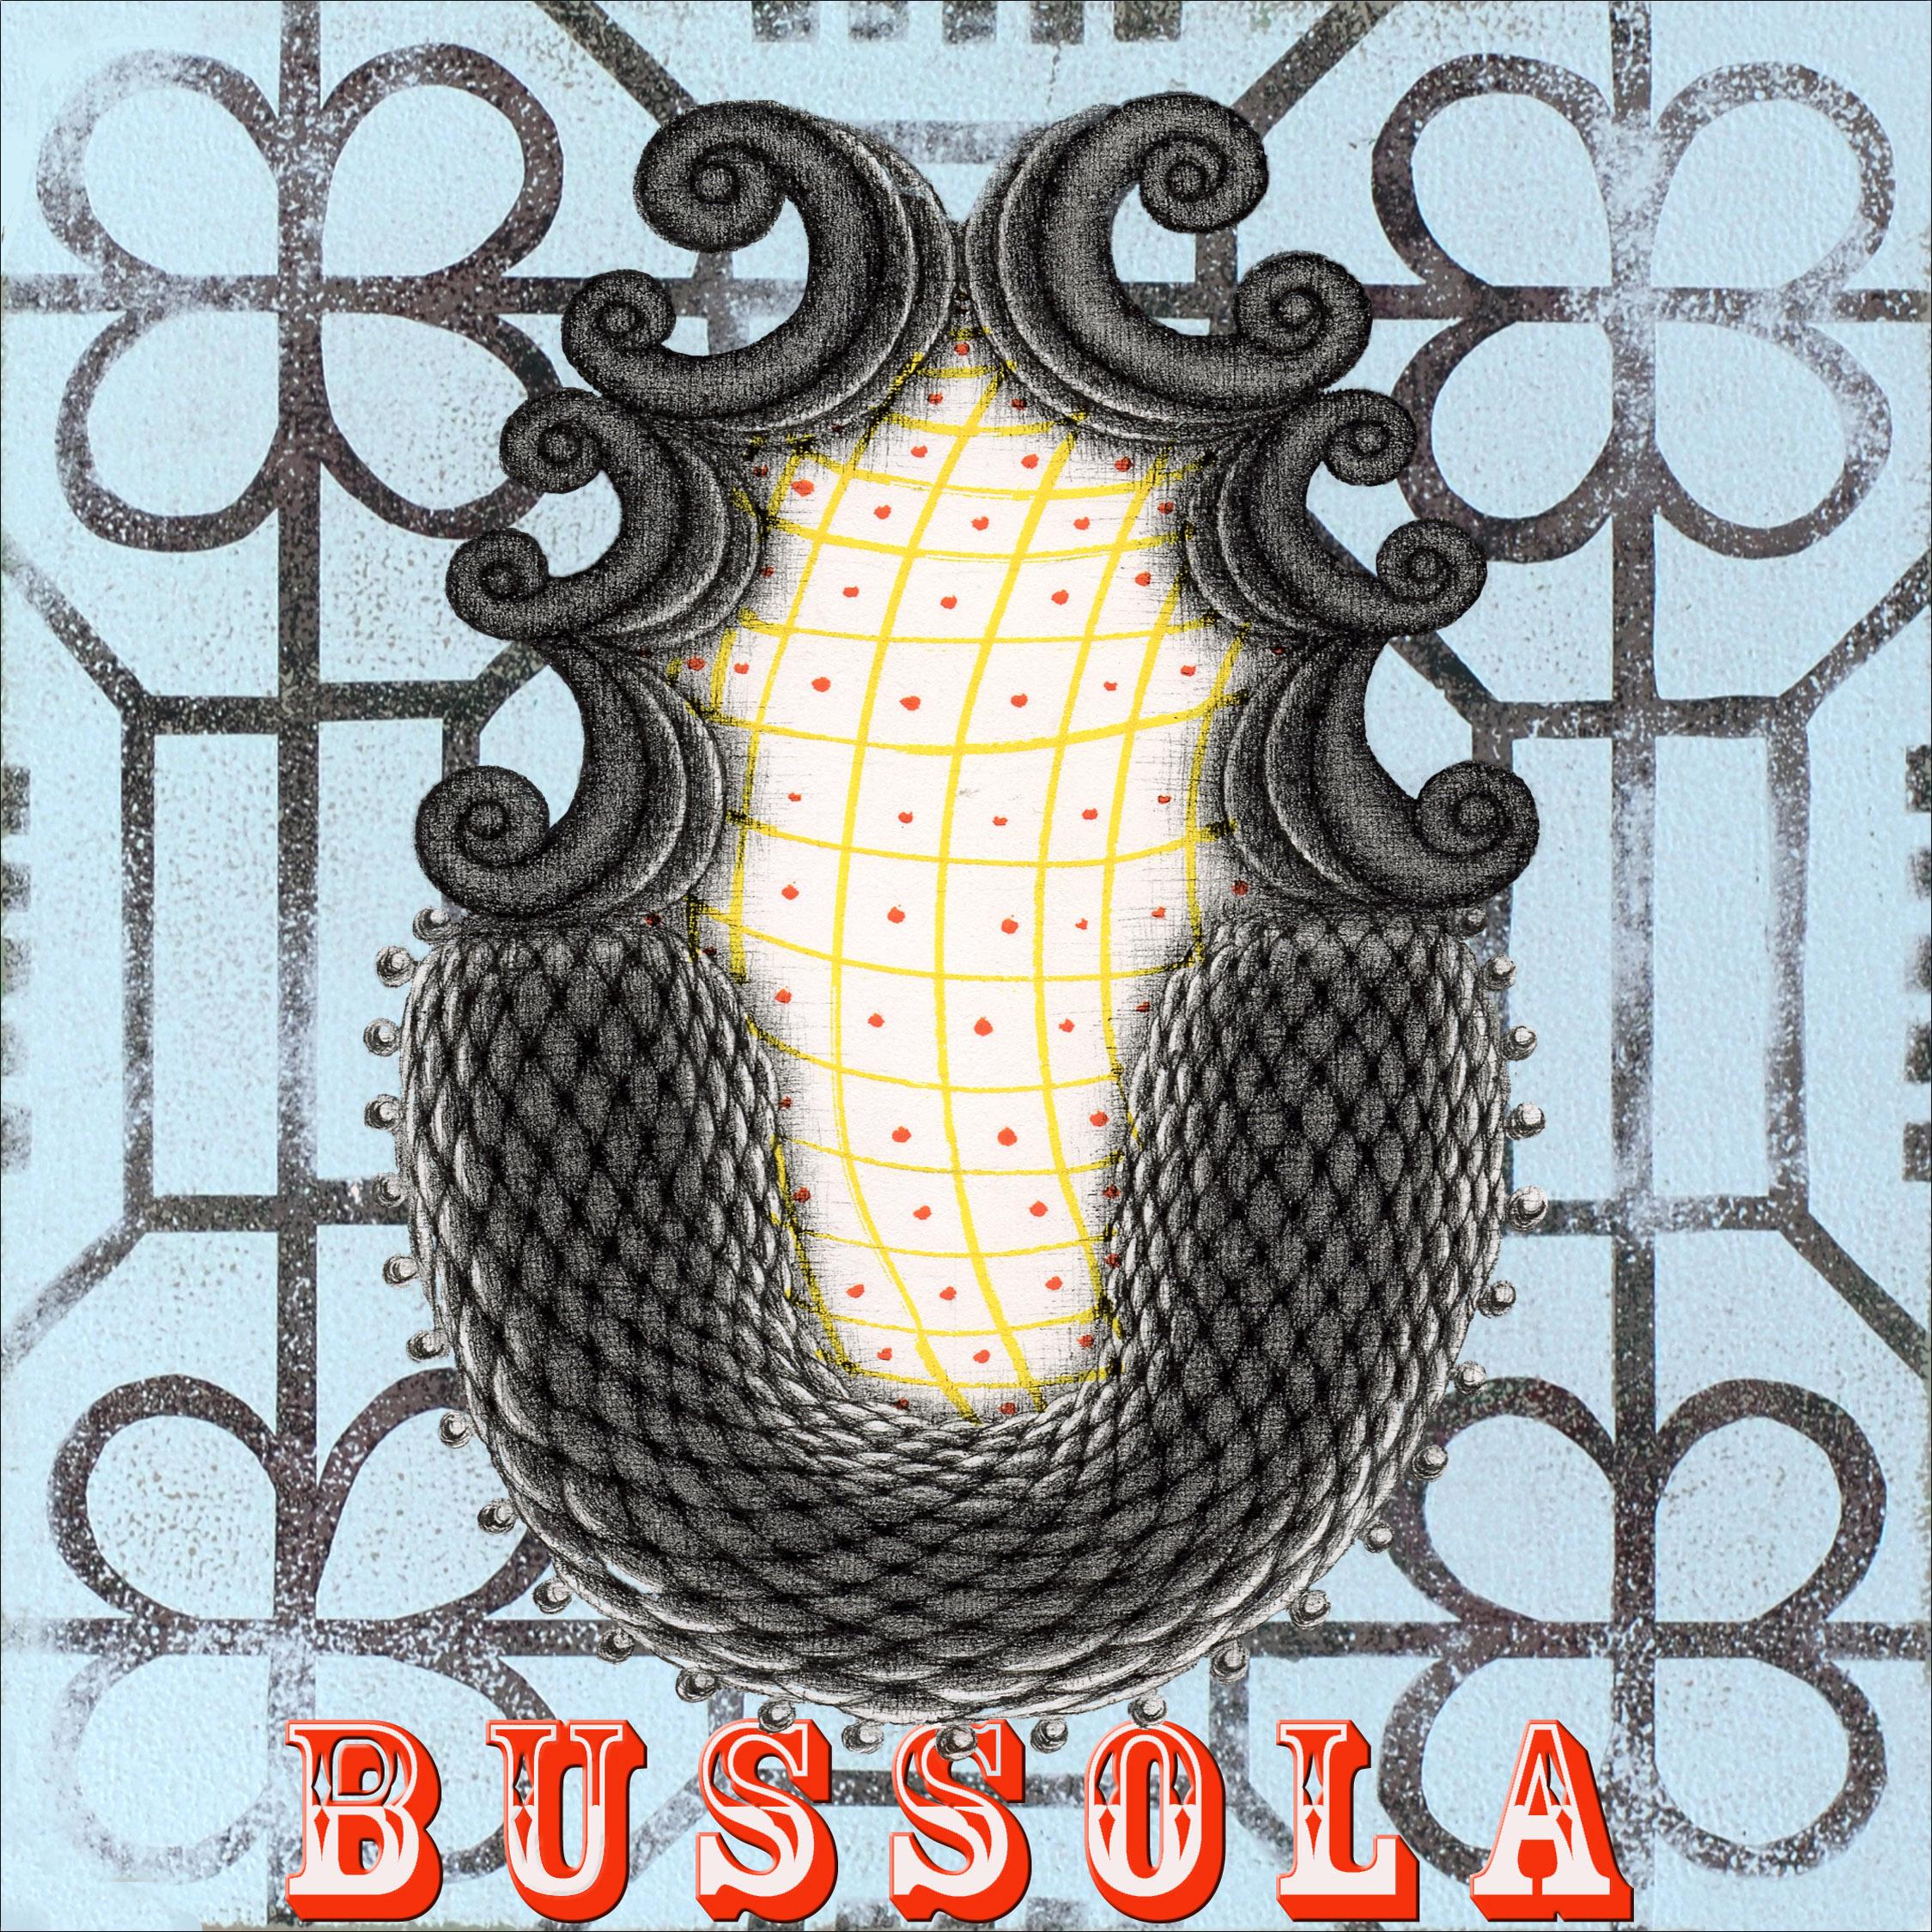 Bussola, 2012